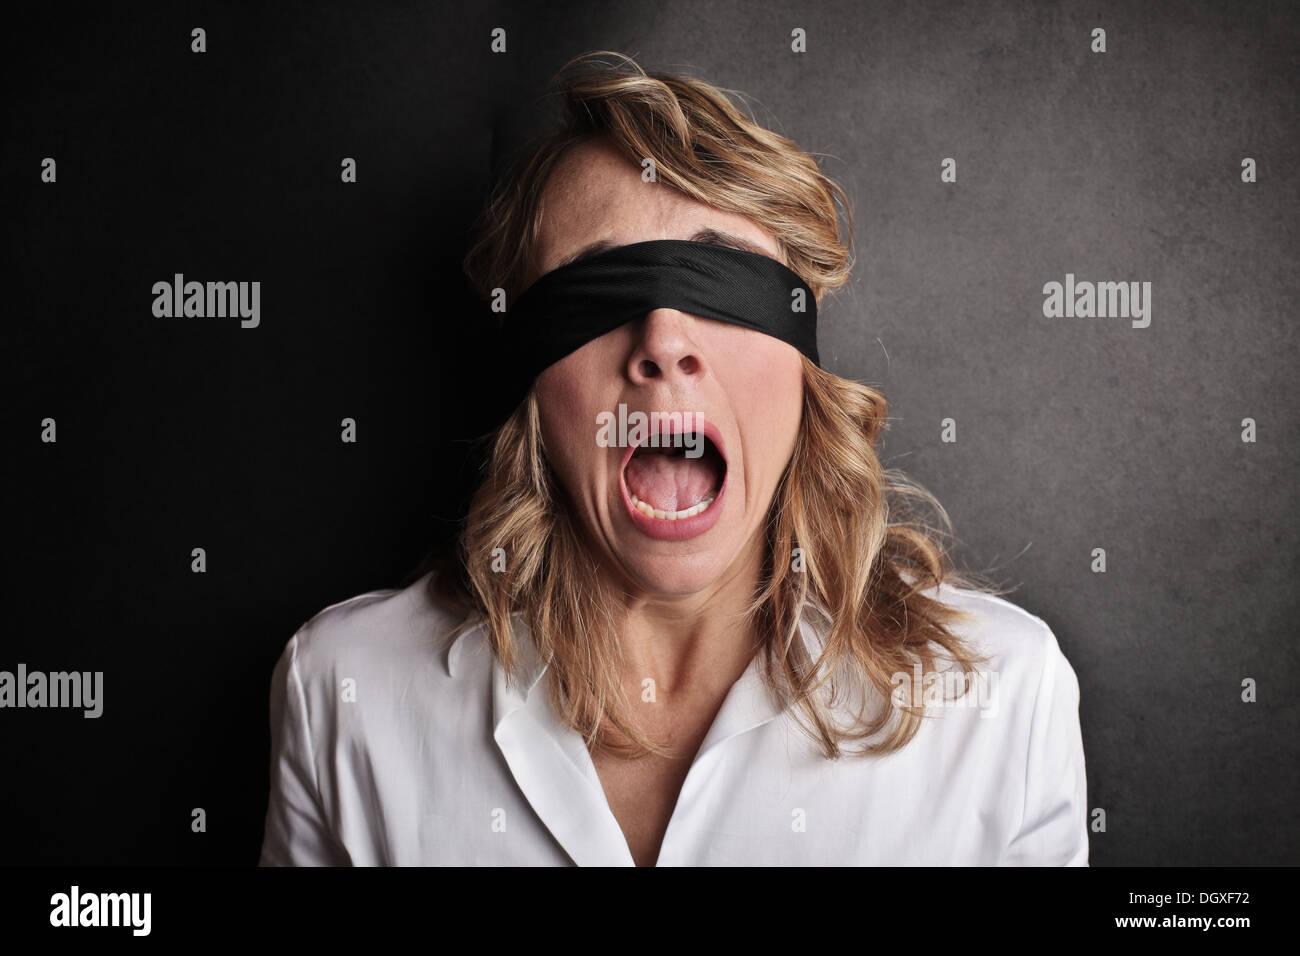 Spaventata donna gli occhi bendati urlando Immagini Stock